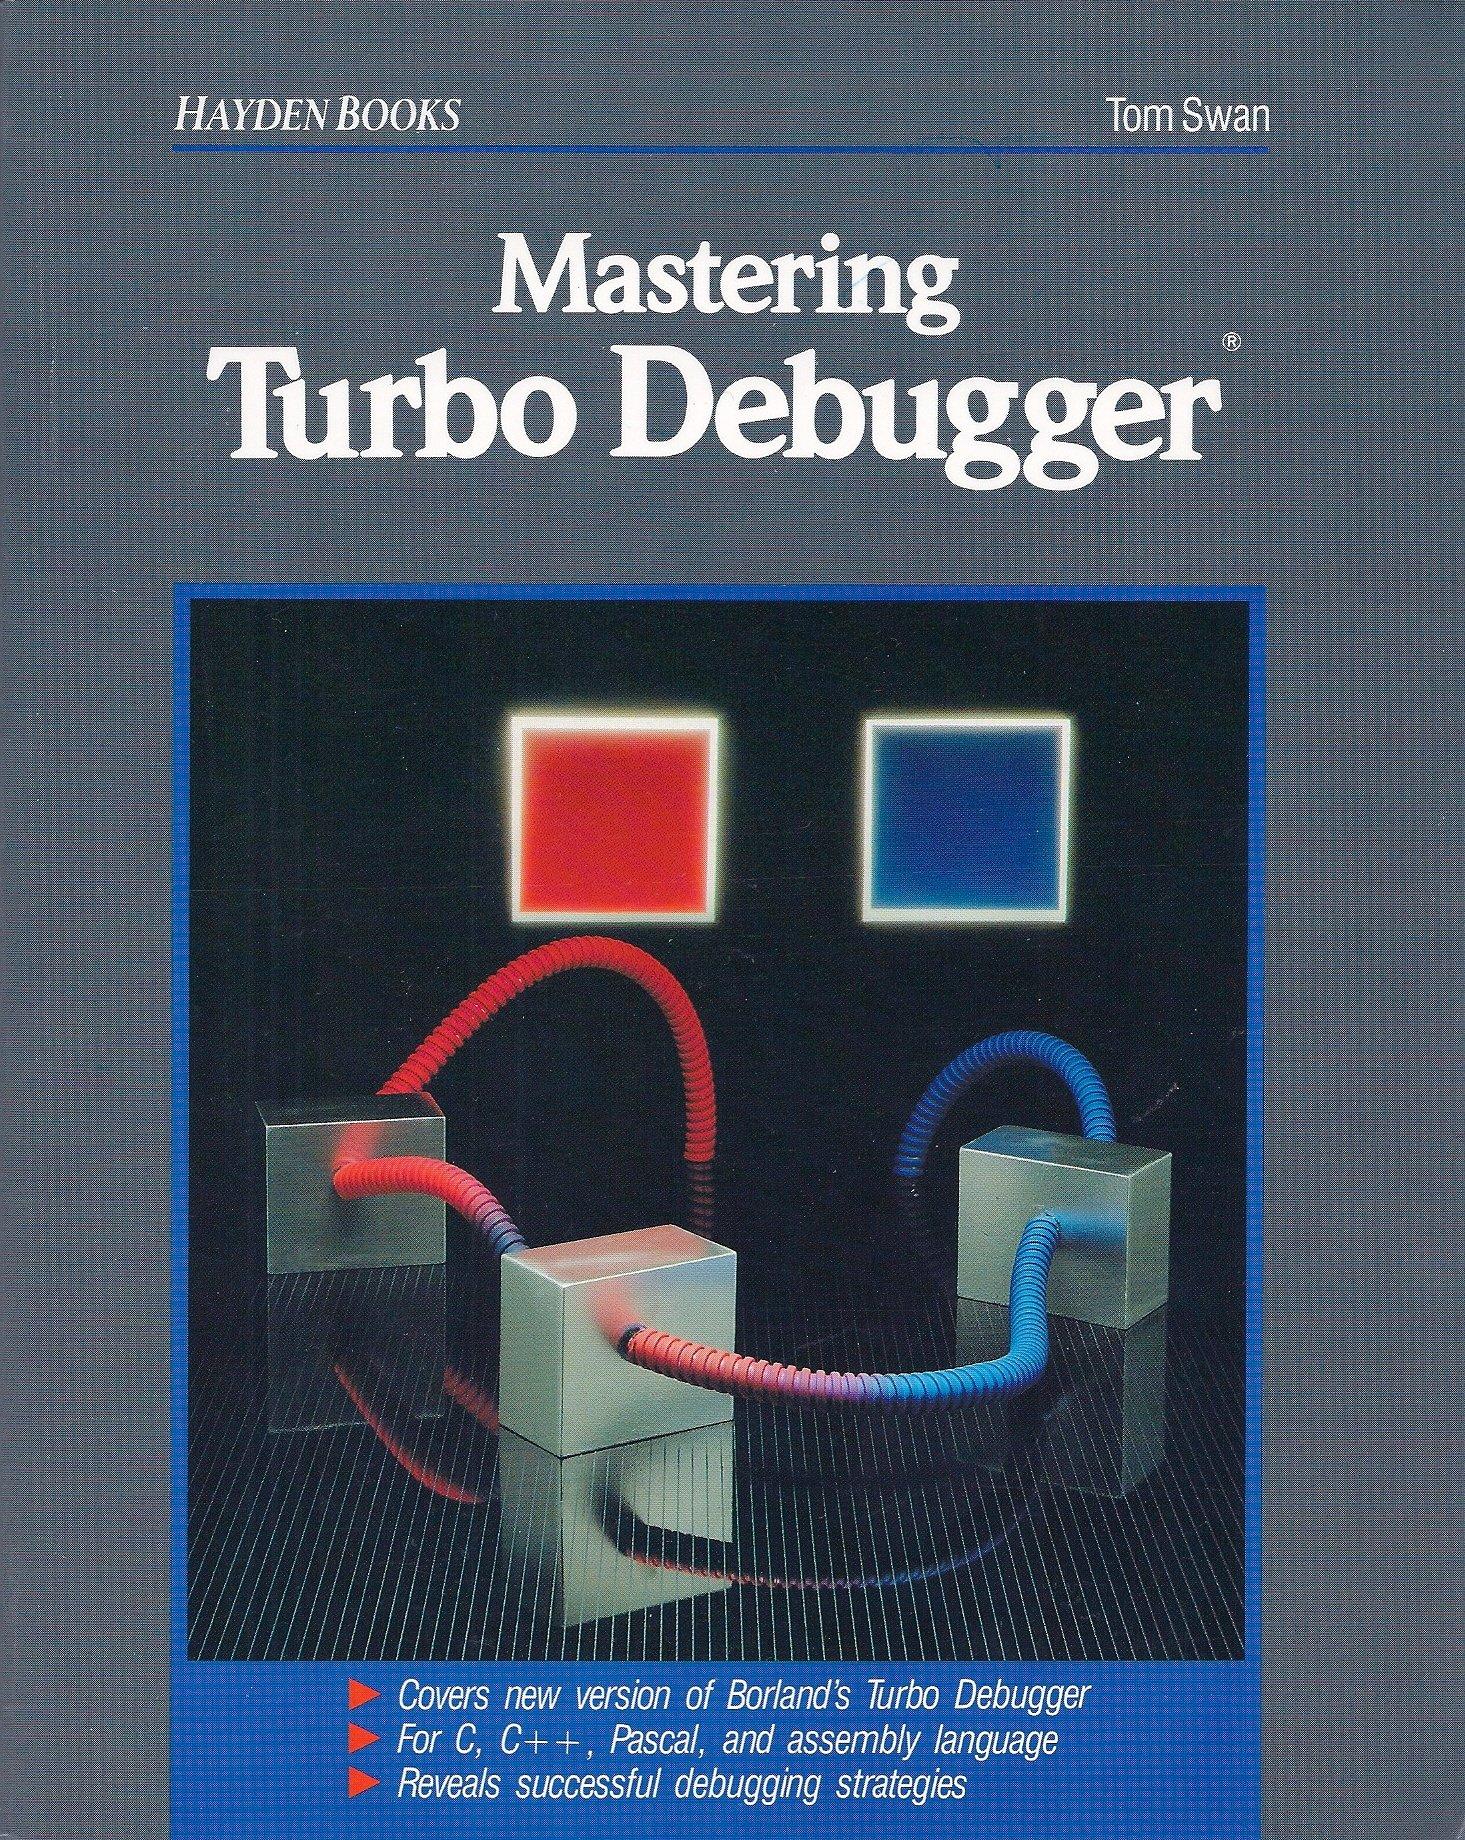 Mastering Turbo Debugger: Amazon.es: Tom Swan: Libros en idiomas extranjeros